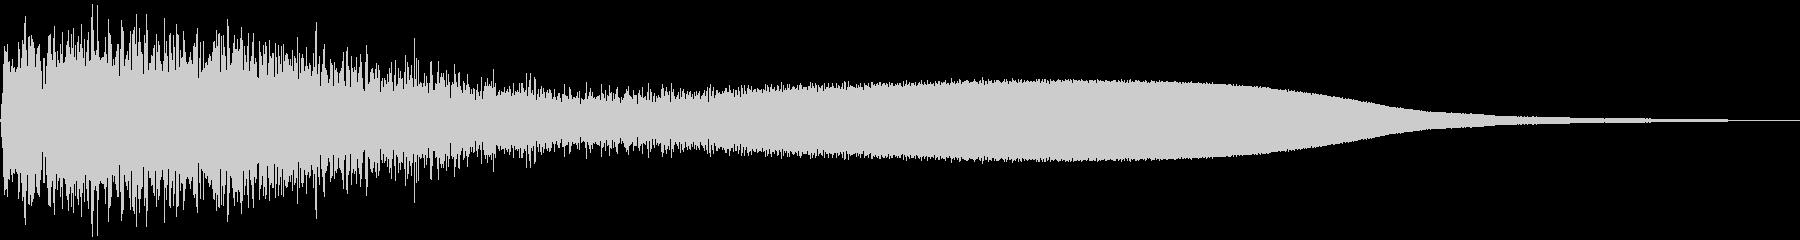 【ダーク・ホラー】重い銅鑼の音 ボワーンの未再生の波形